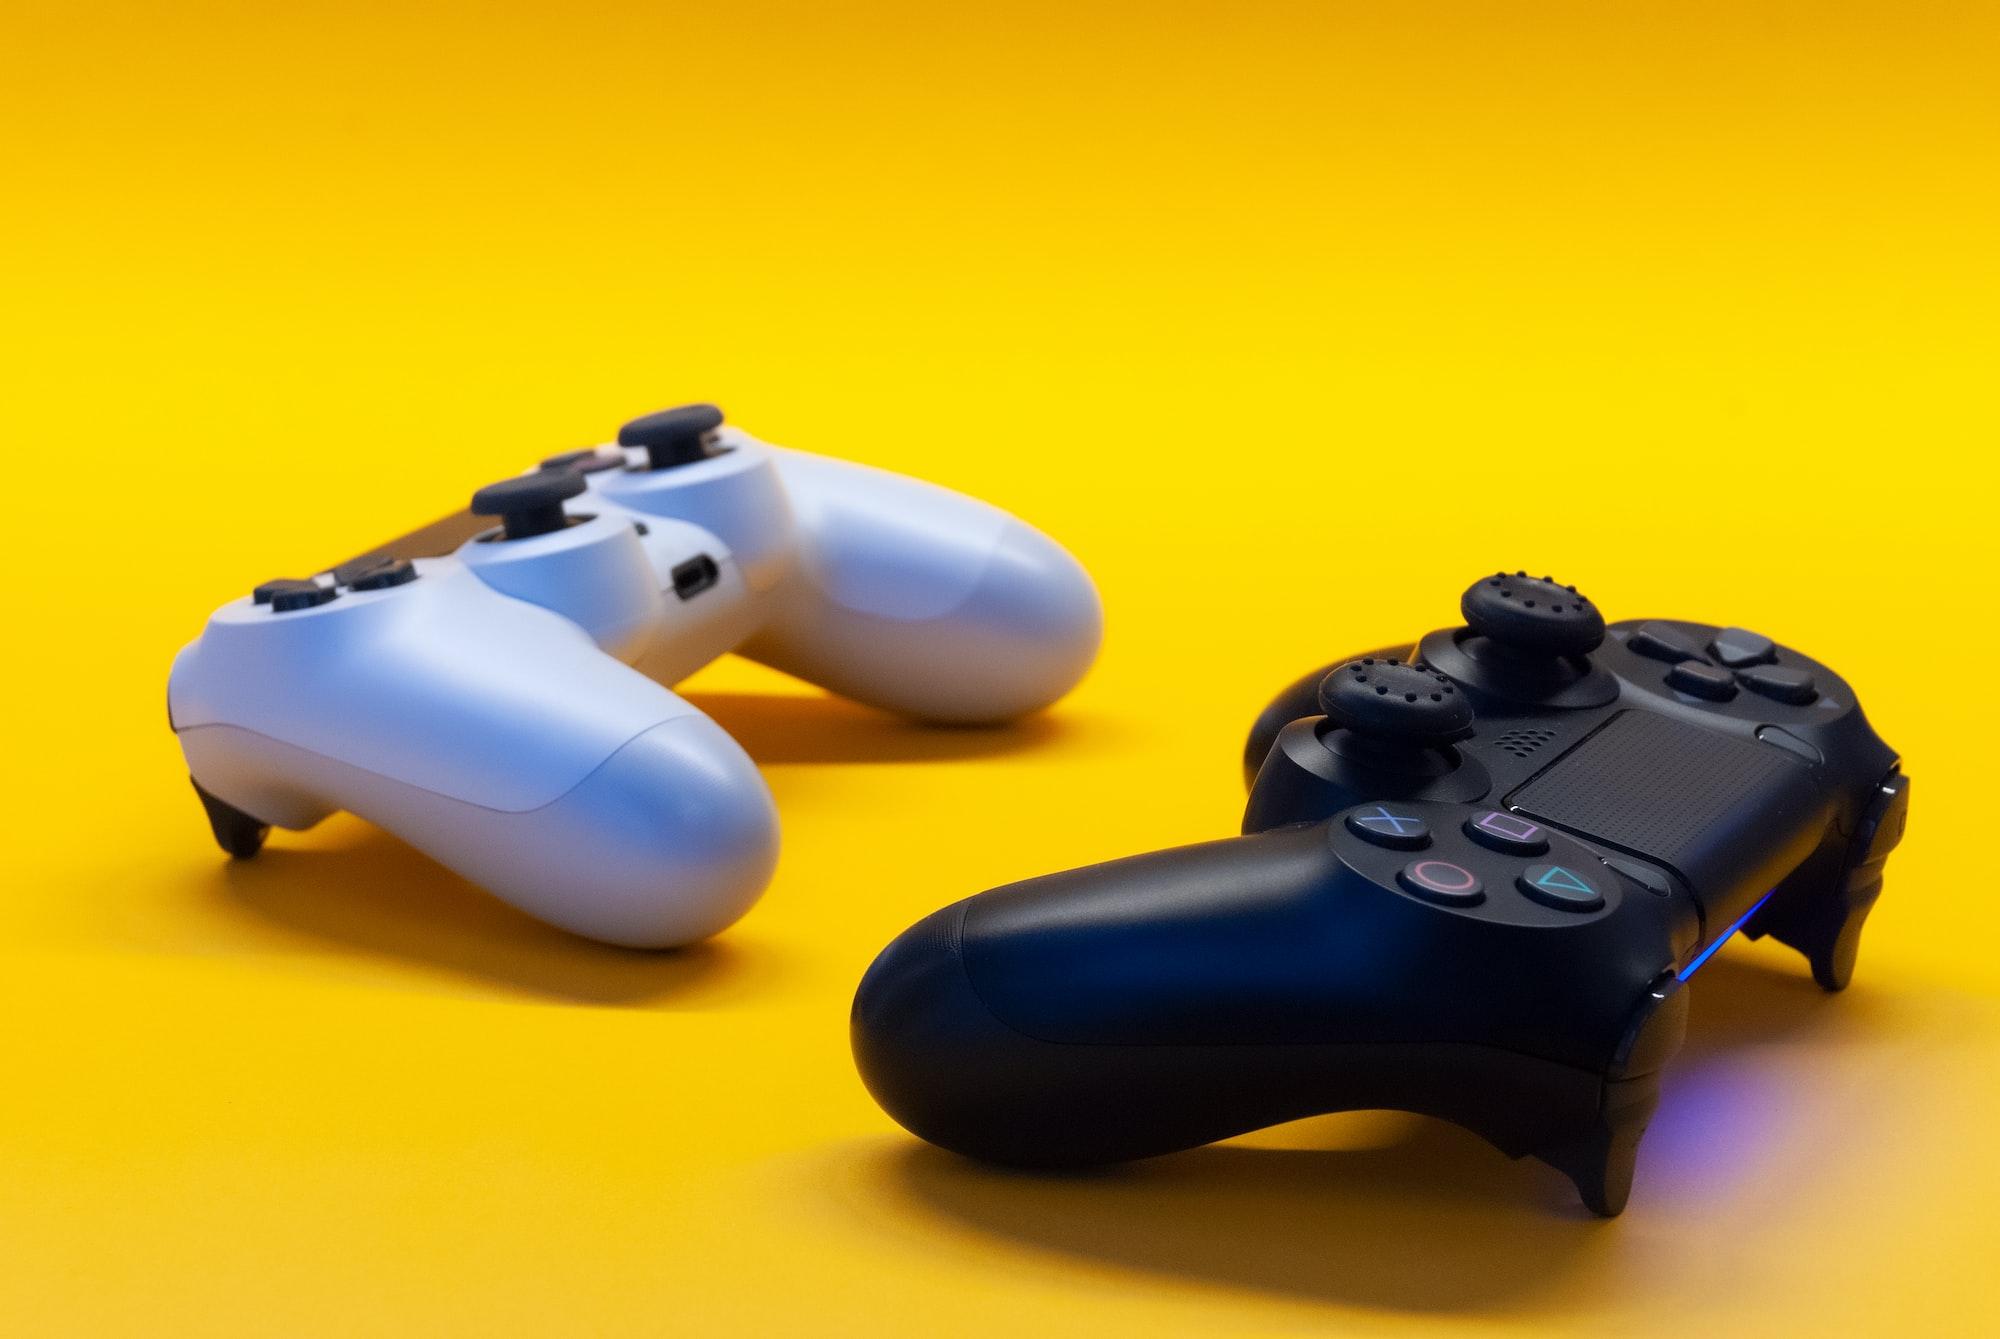 Om dataspel, spelande och barnens spelmissbruk